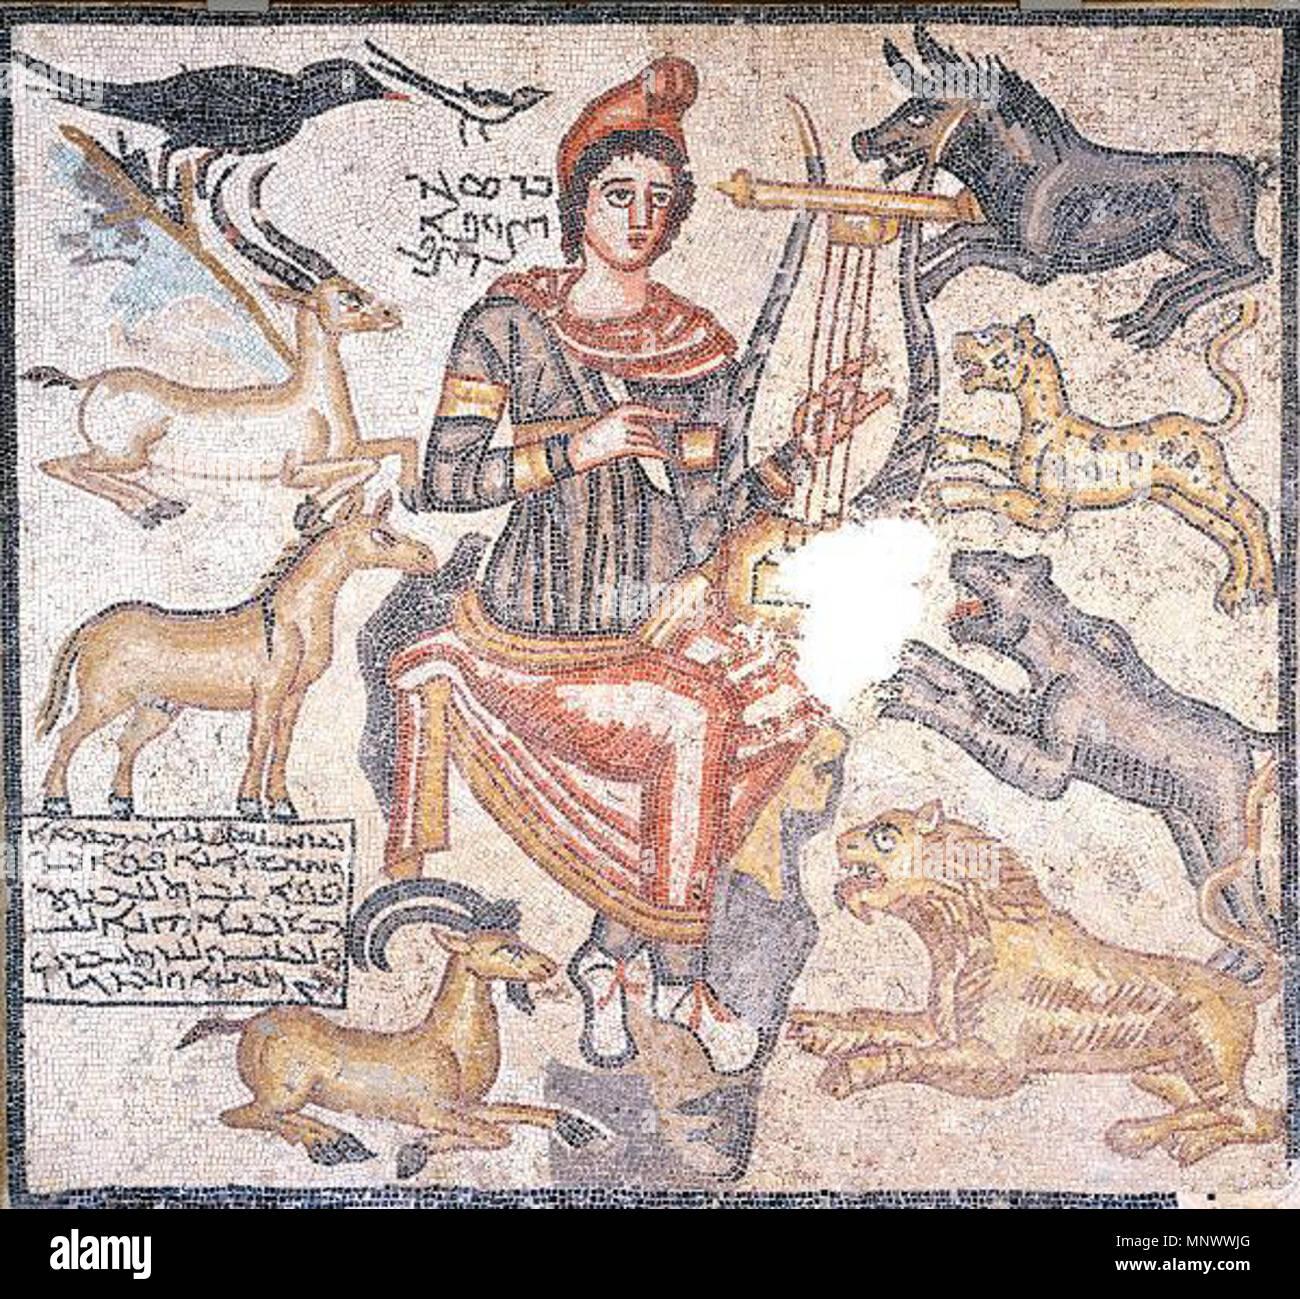 Orpheus apprivoiser les animaux sauvages . Mosaïque de marbre romain, en l'an 194; au sein de l'Empire romain, près d'Edesse . 194. 1071 Orphée Romain apprivoiser les animaux sauvages Photo Stock